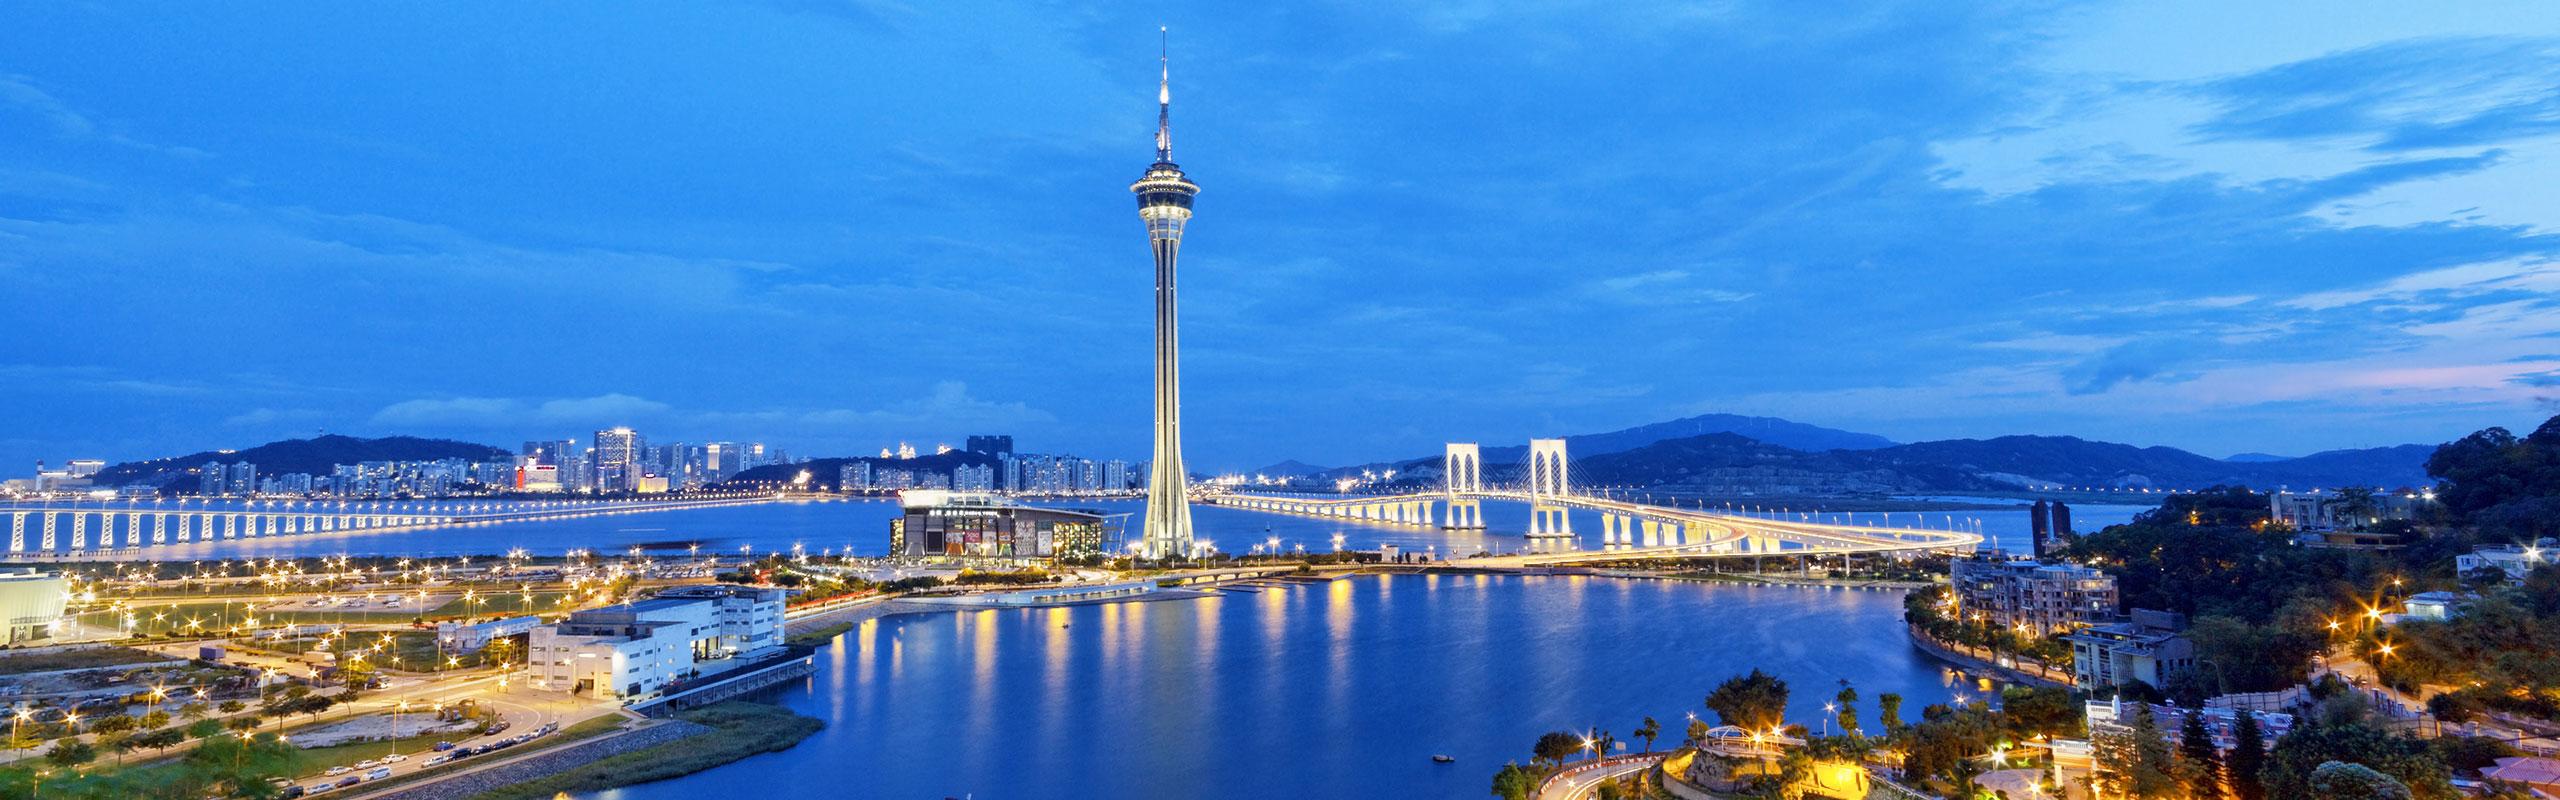 One Day Macau Tour from Hong Kong